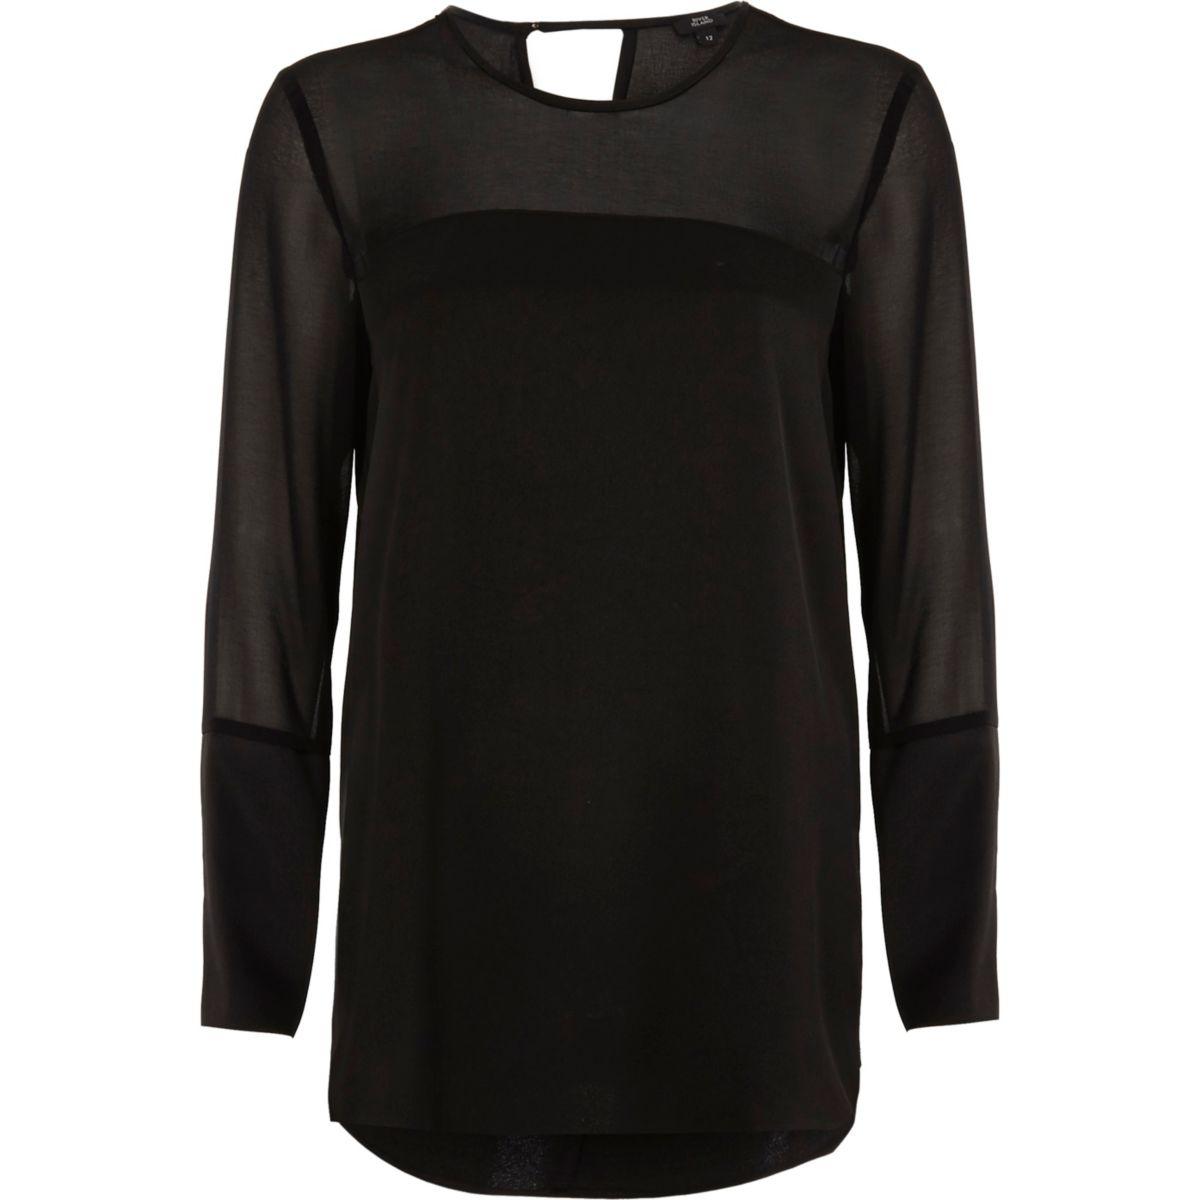 Black sheer long sleeve top